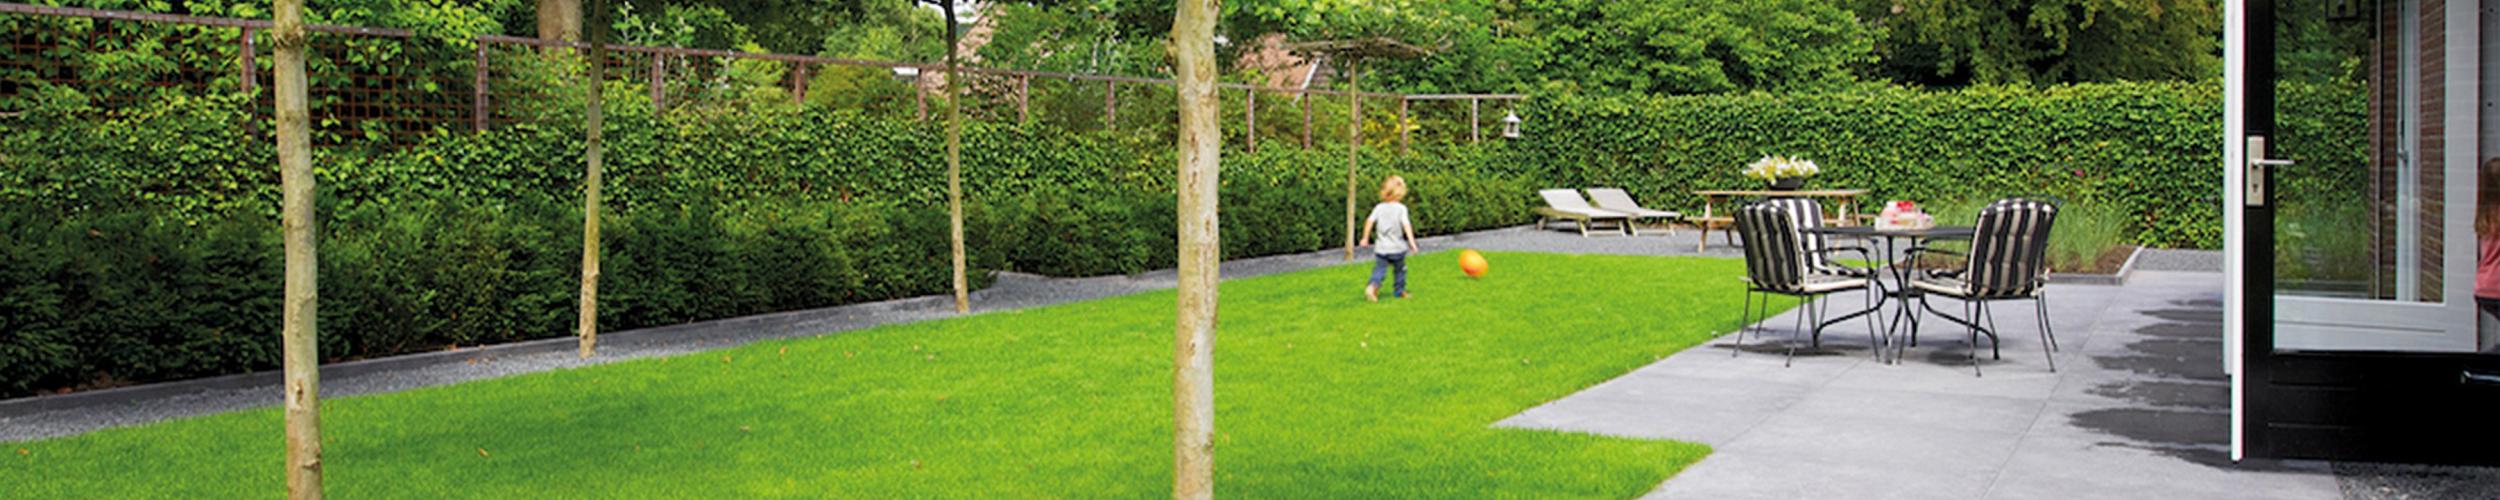 Kunnen de Ganda Criteria ook toegepast worden voor de aanleg van een grastuin?